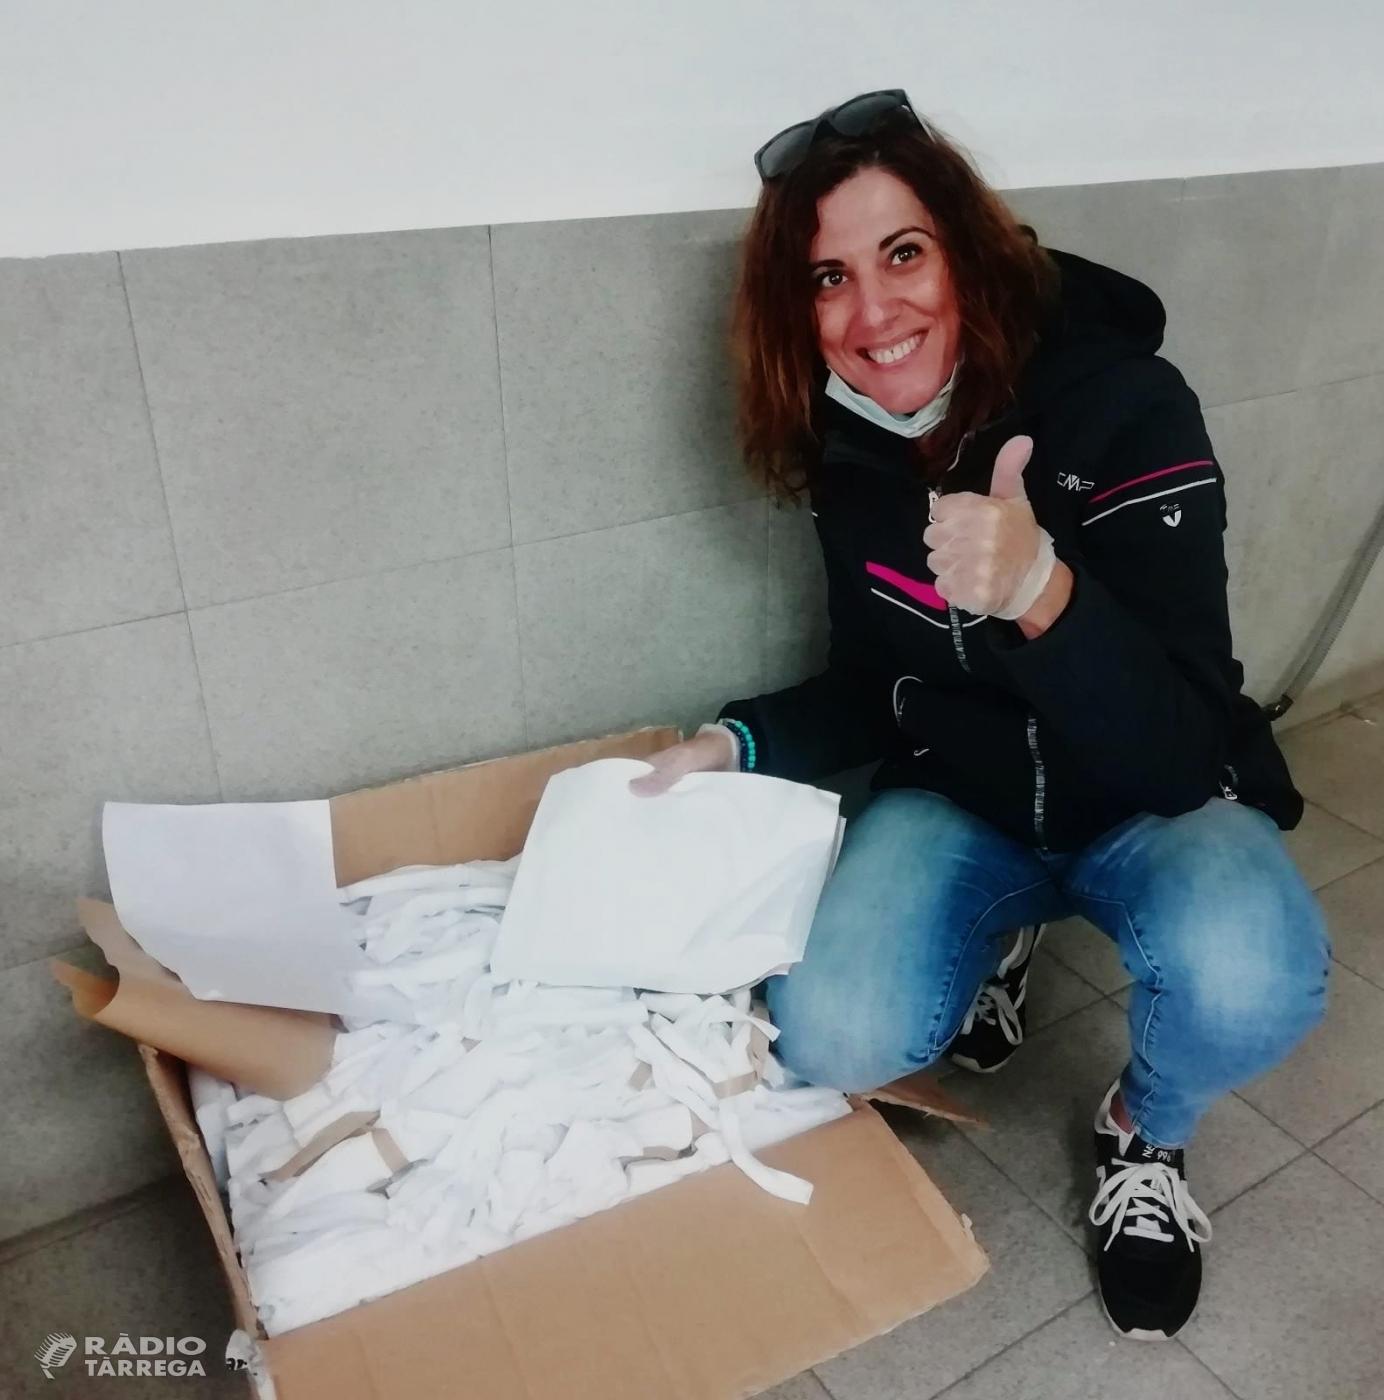 Comerços targarins donen material per fer mascaretes casolanes a Tàrrega i ja s'han rebut més de 500 euros en donatius